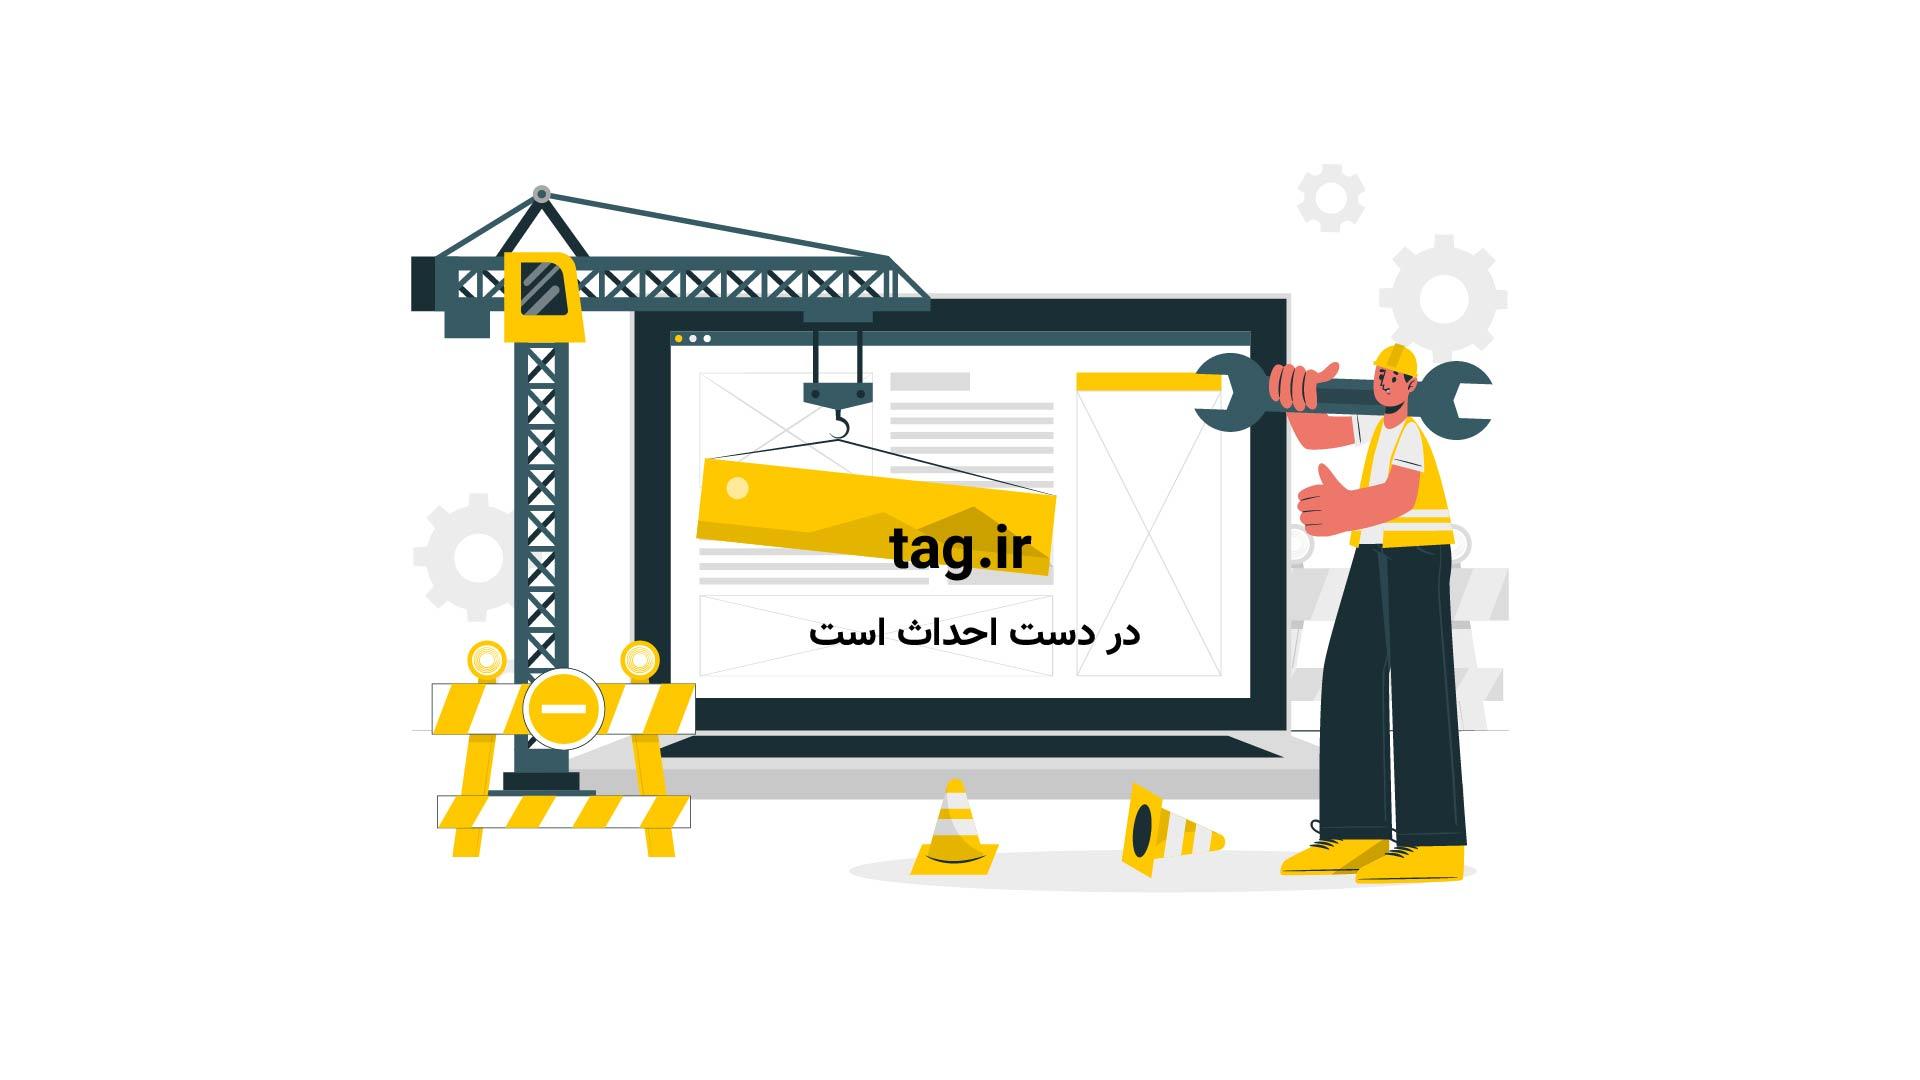 صحبت های فرهاد آئیش با علی صبوری پیش از اجرای استندآپ کمدی | فیلم